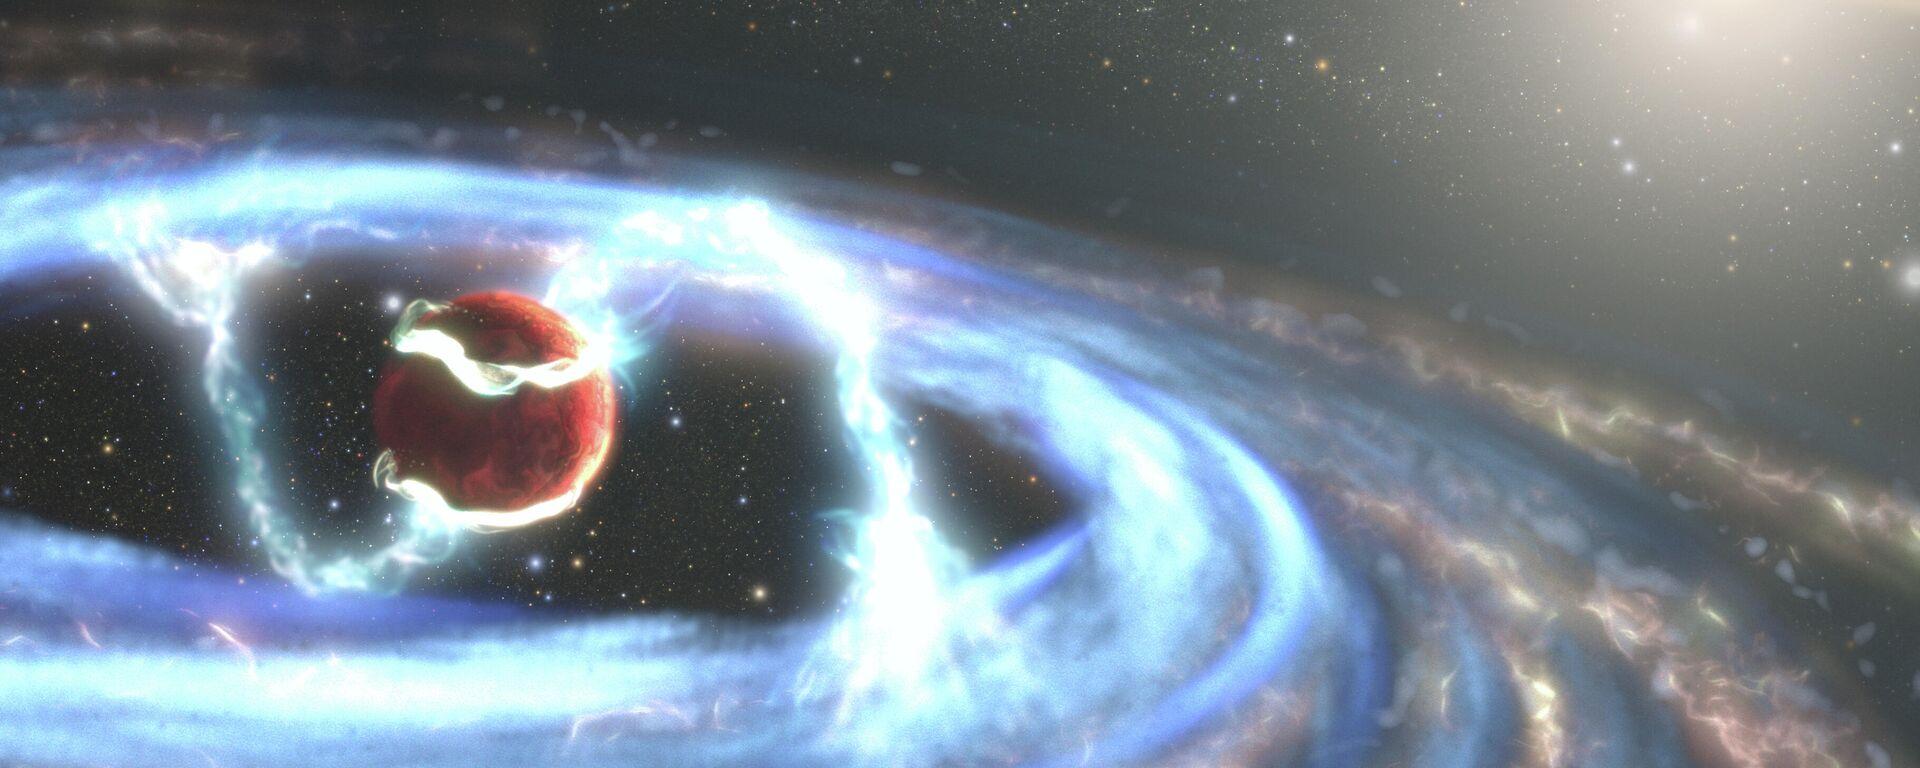 La formación de exoplaneta (imagen referencial) - Sputnik Mundo, 1920, 03.05.2021